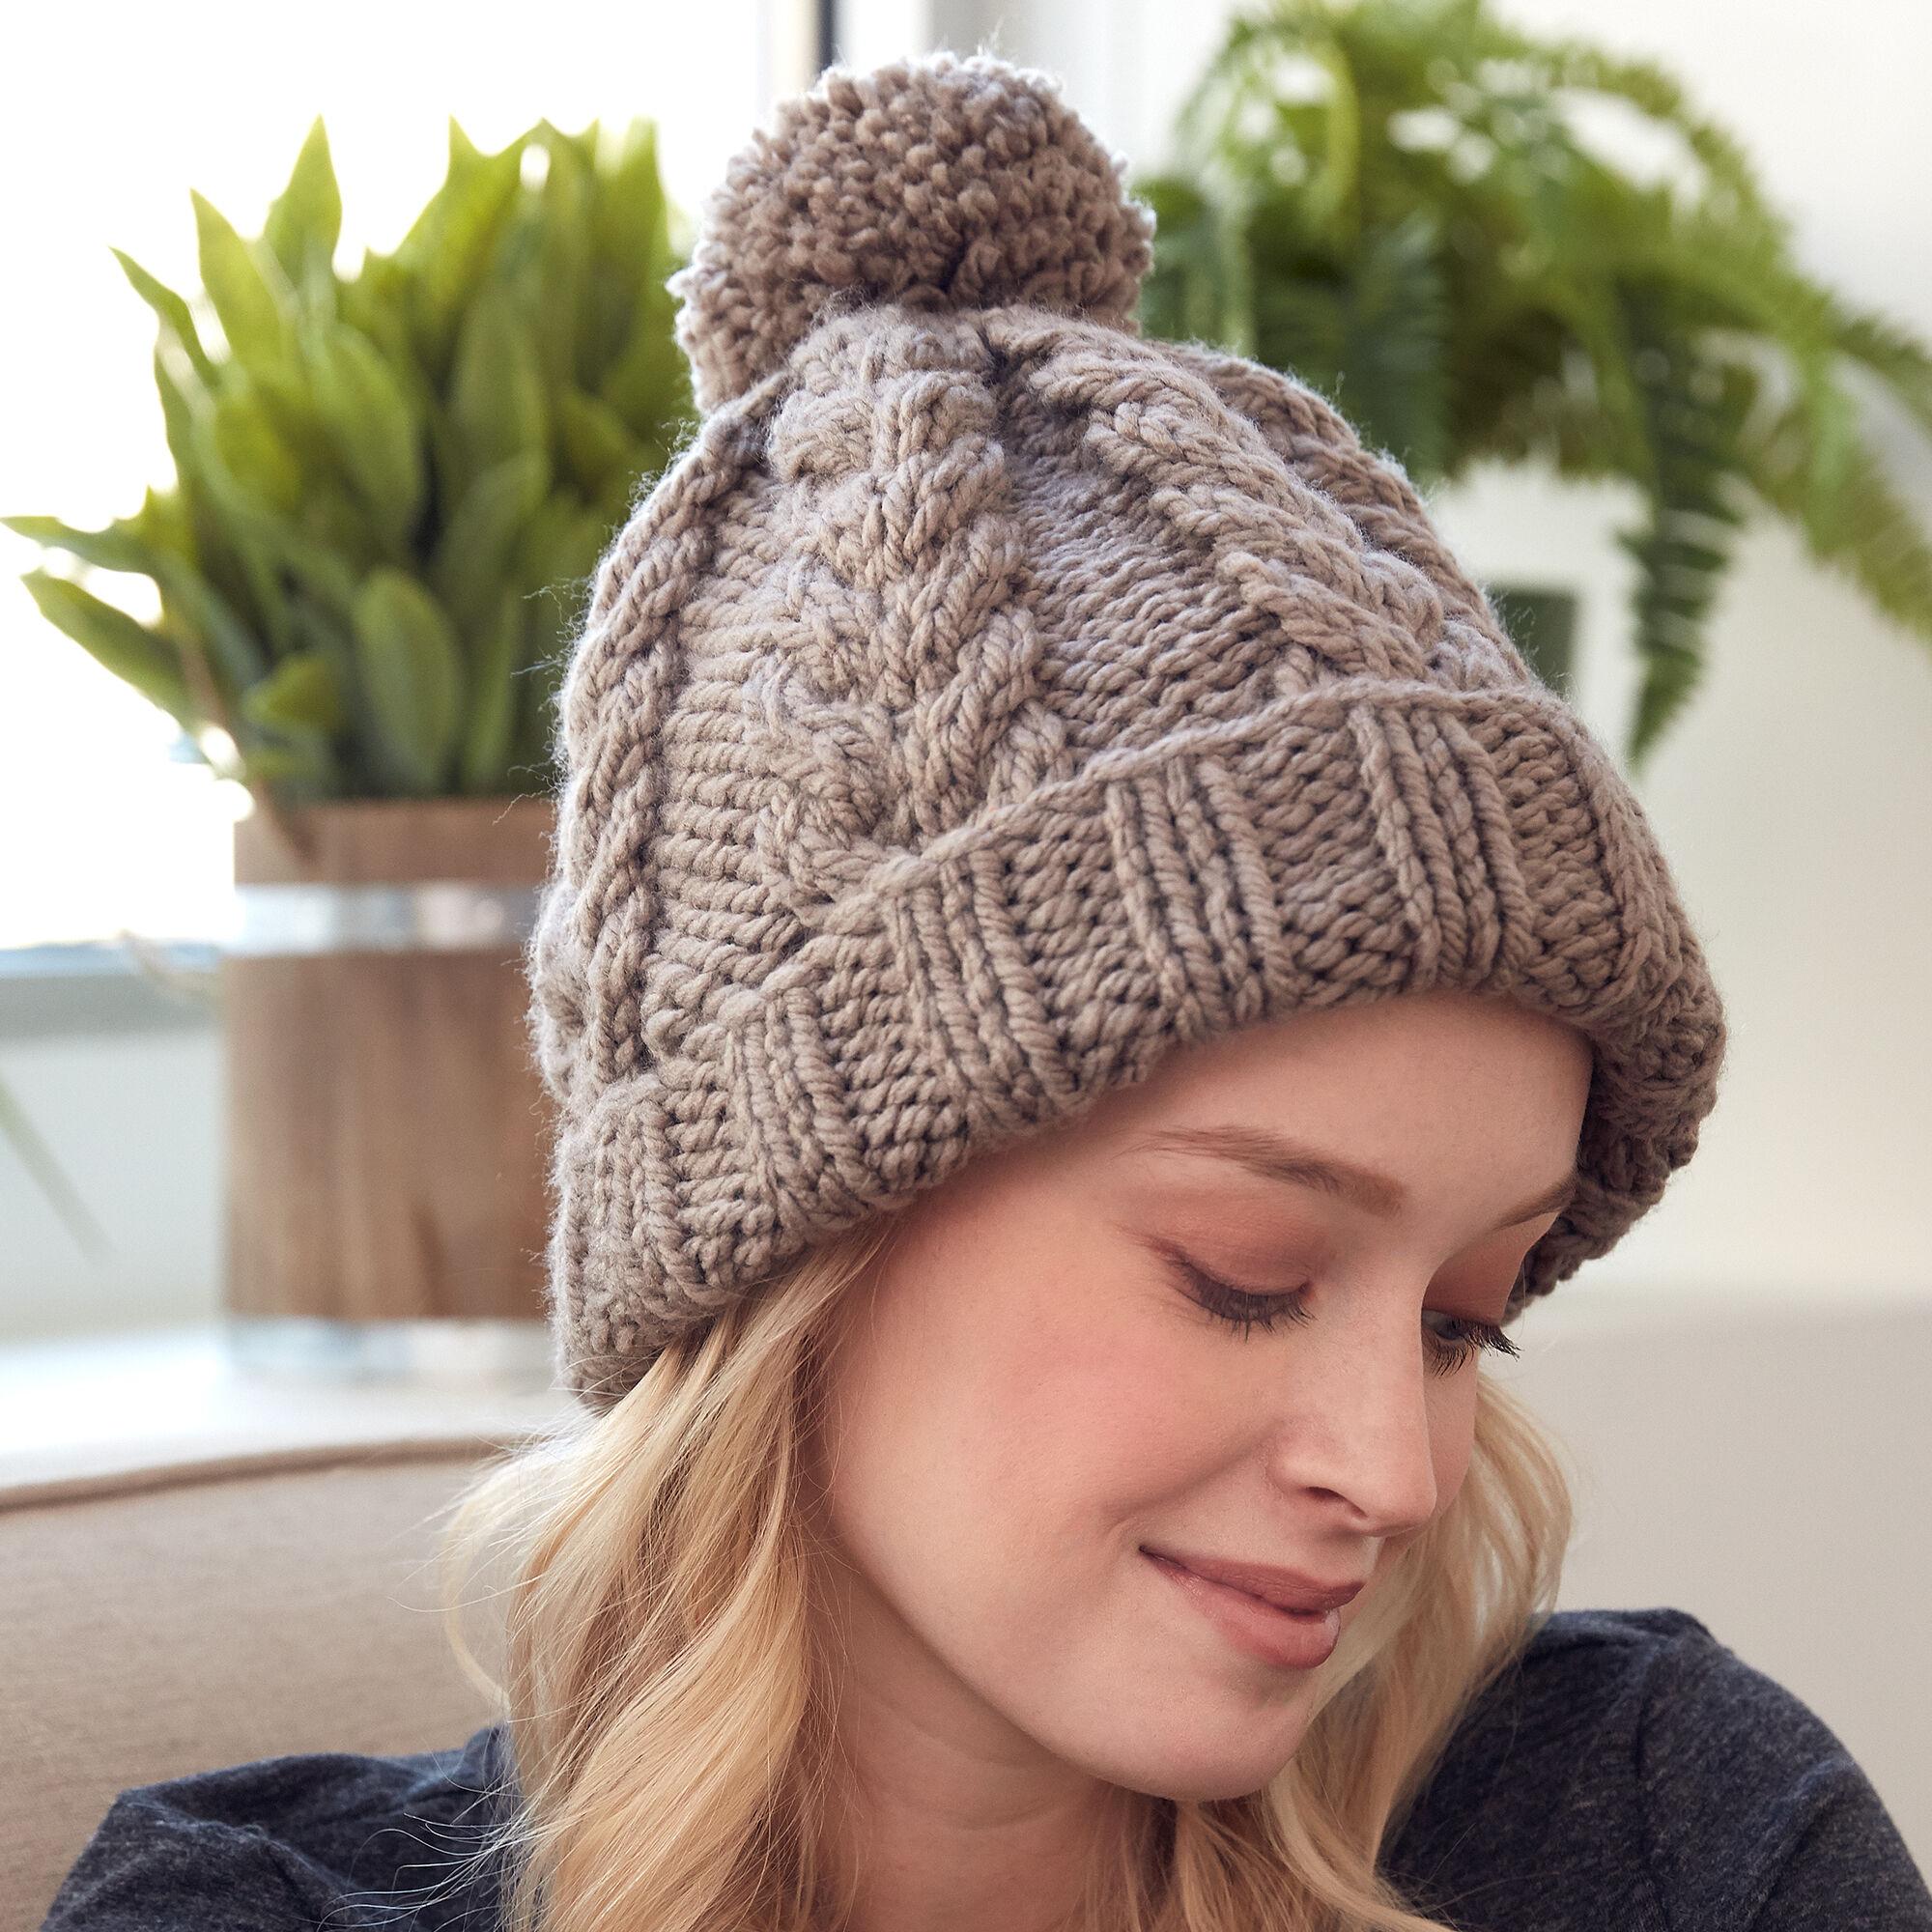 Bernat Cozy Cable Knit Hat Pattern | Yarnspirations